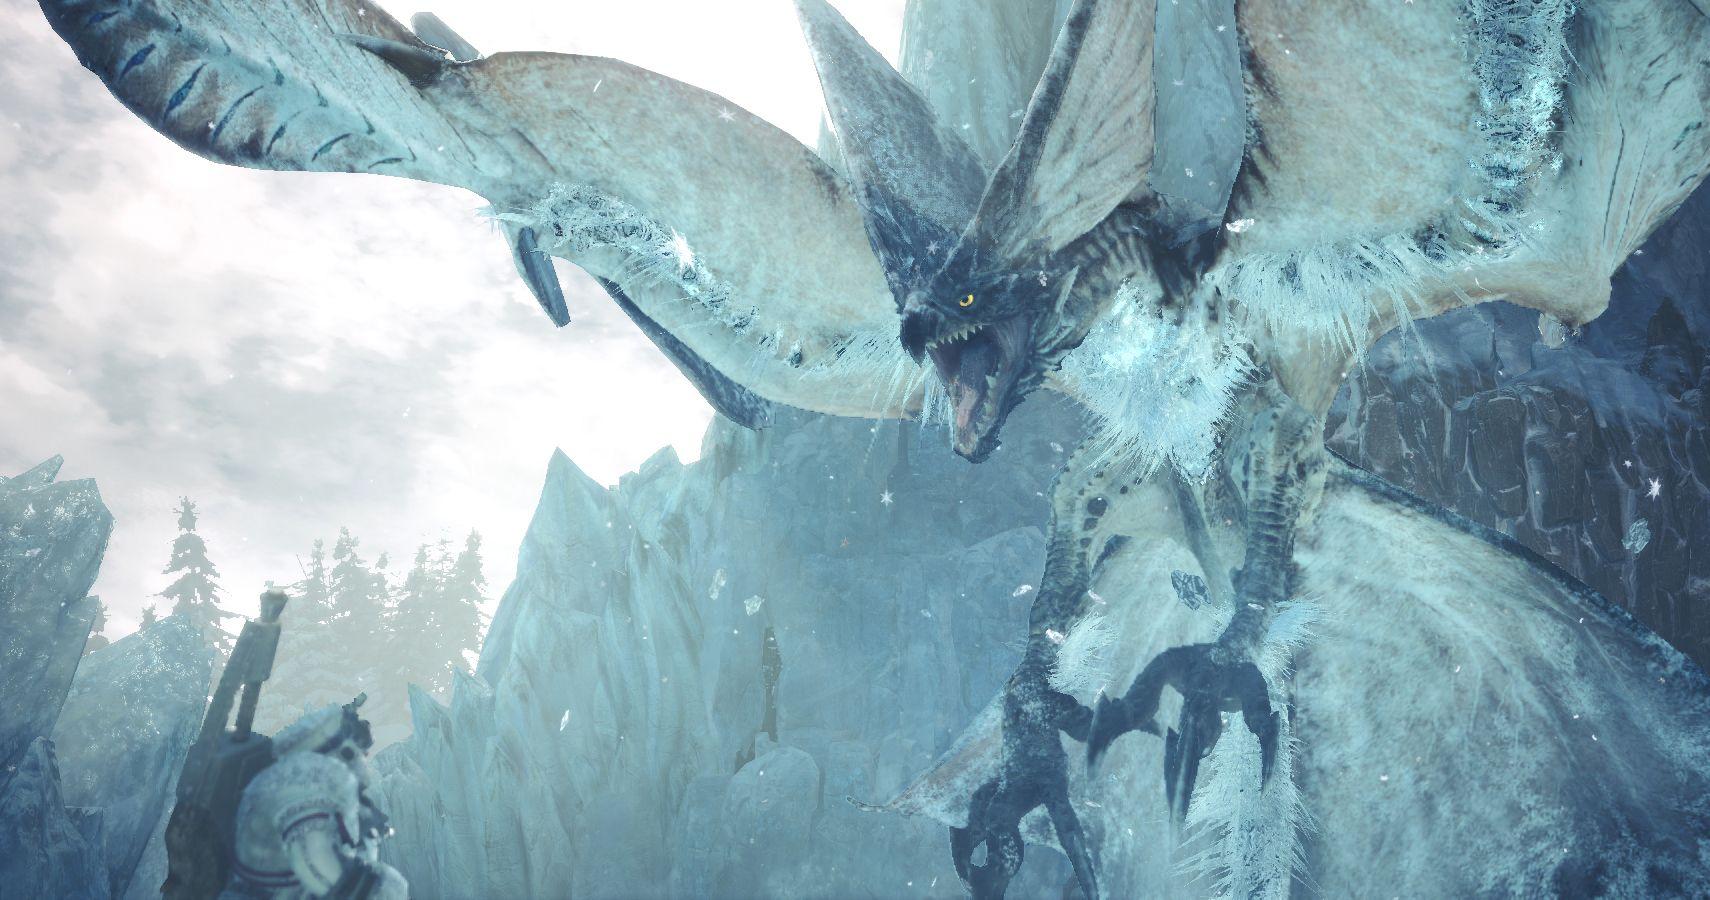 Monster hunter world crossplay